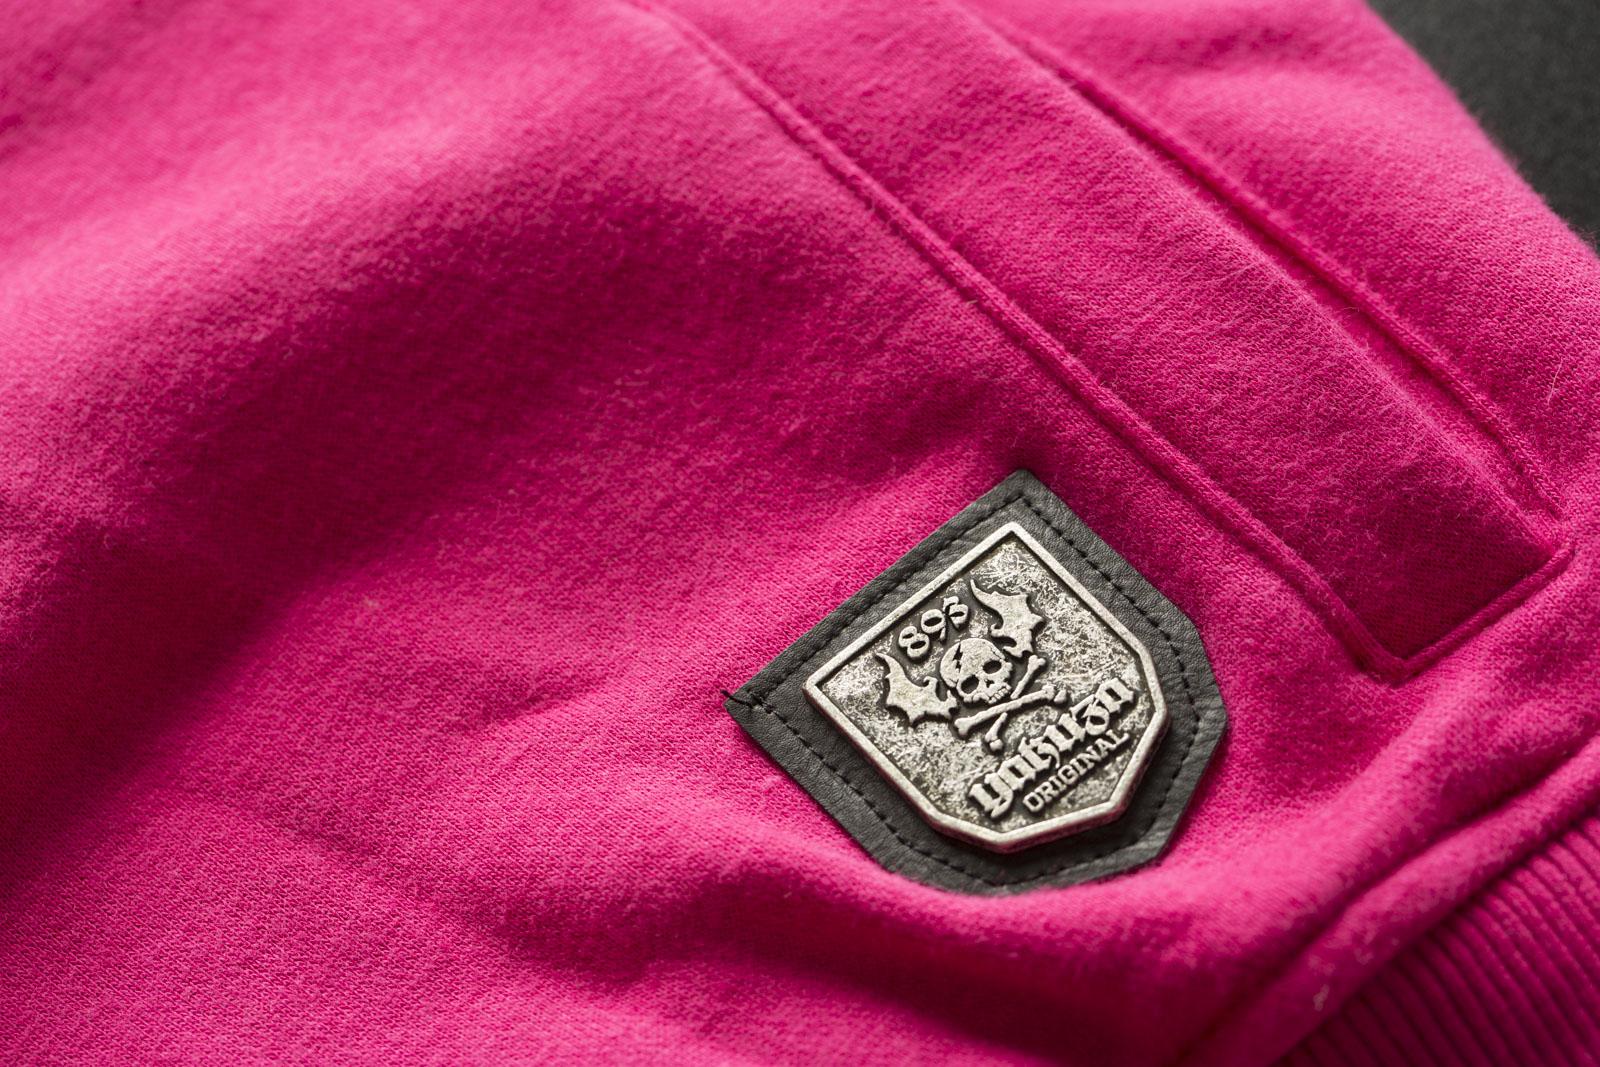 YAKUZA Damen Daily Use Mesh Hoodie GHOB-11103 Fuchsia Rose Pink Hoodies